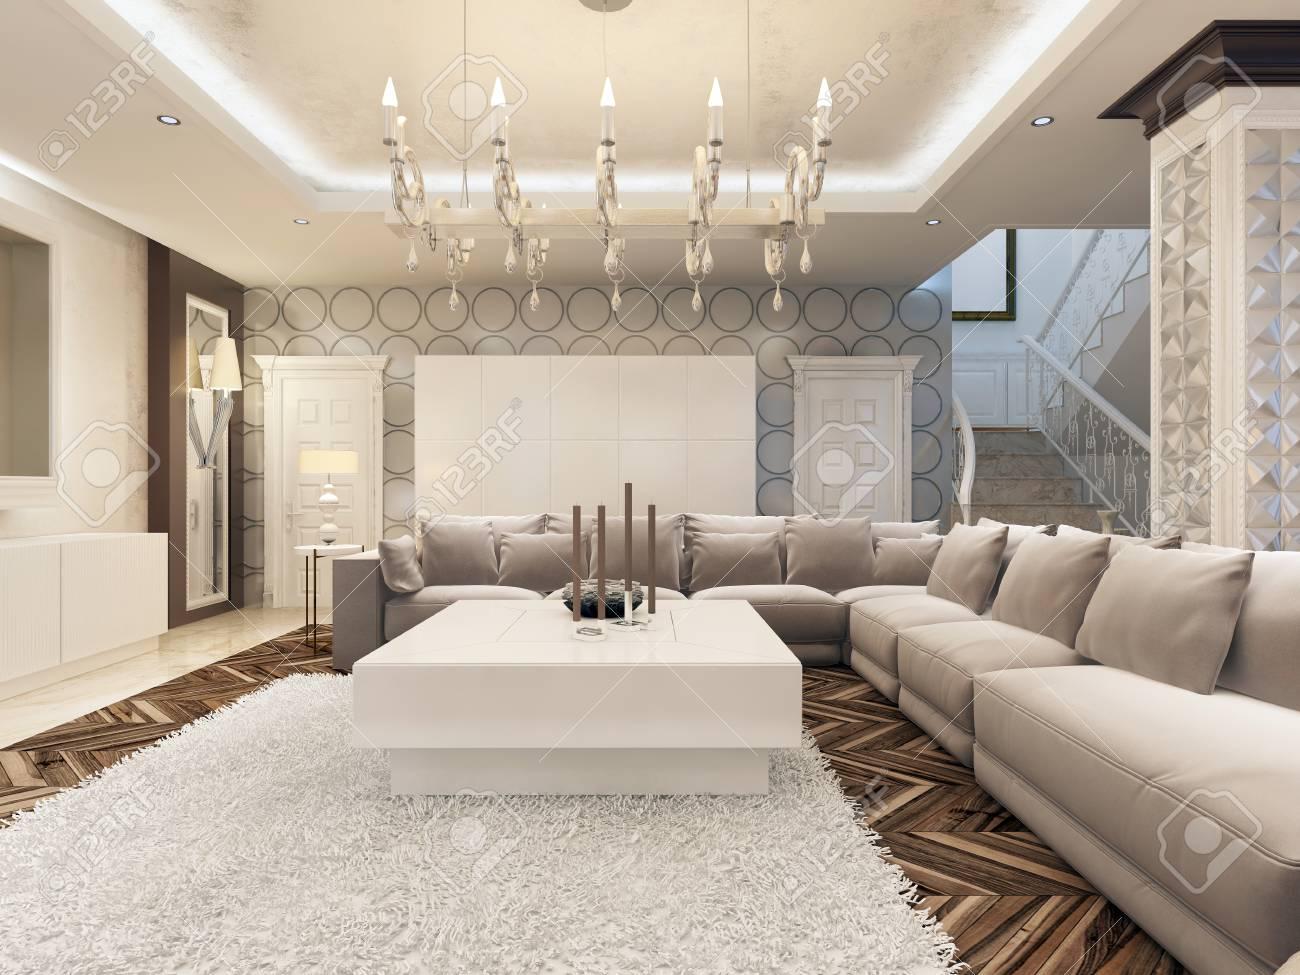 banque dimages design art deco de luxe salon lumineux avec grand canap dangle et deux fauteuils conception 3d - Canape Luxe